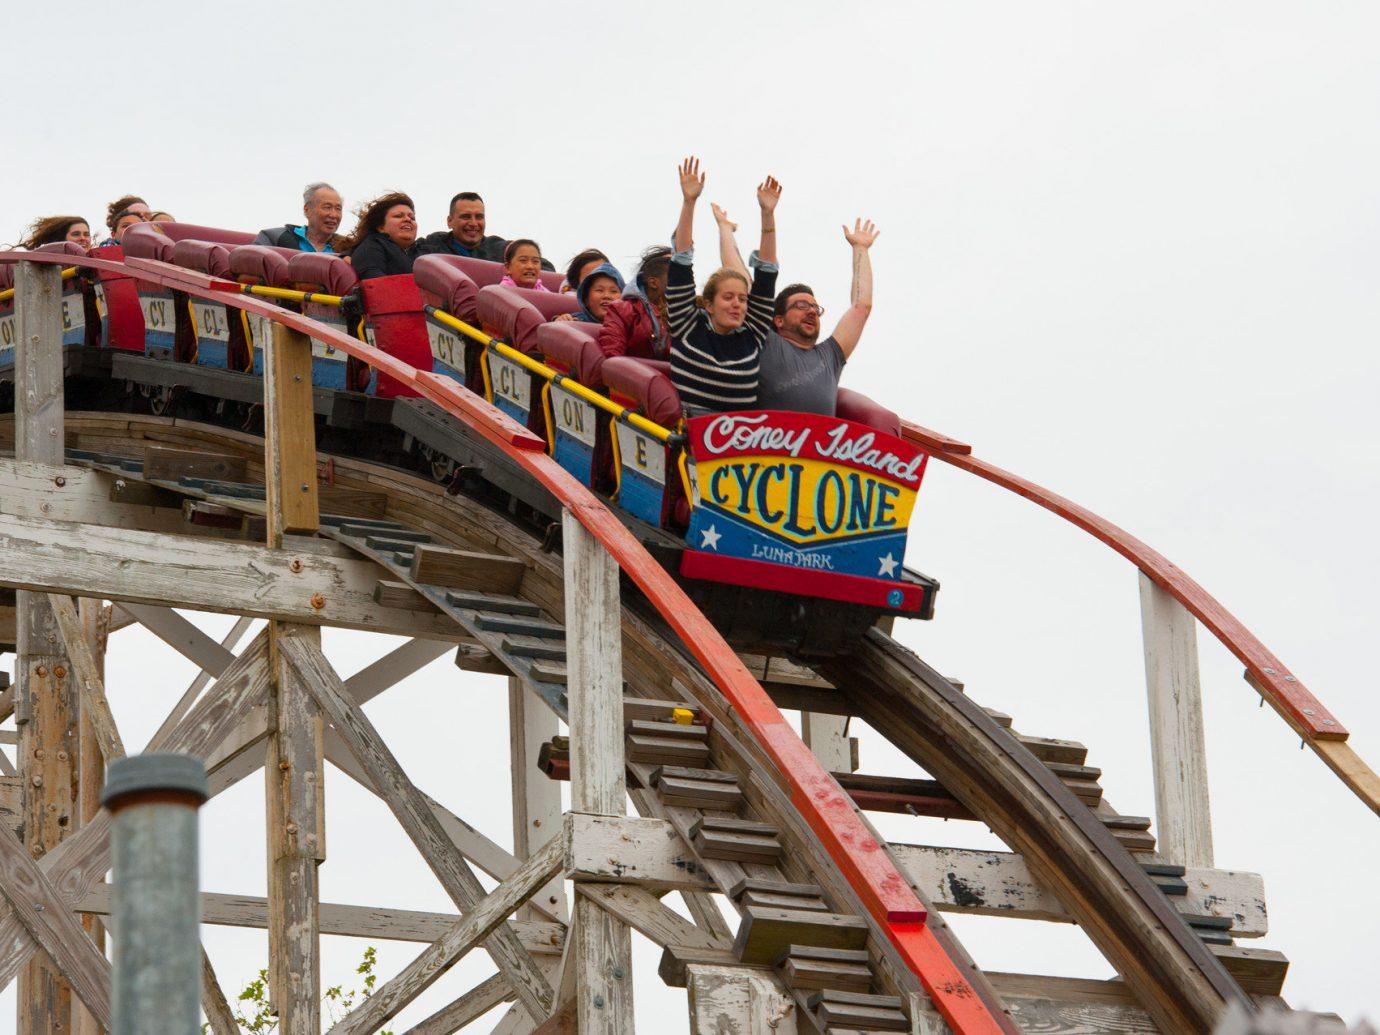 Trip Ideas sky amusement park roller coaster amusement ride outdoor park leisure nonbuilding structure recreation outdoor recreation Water park ride